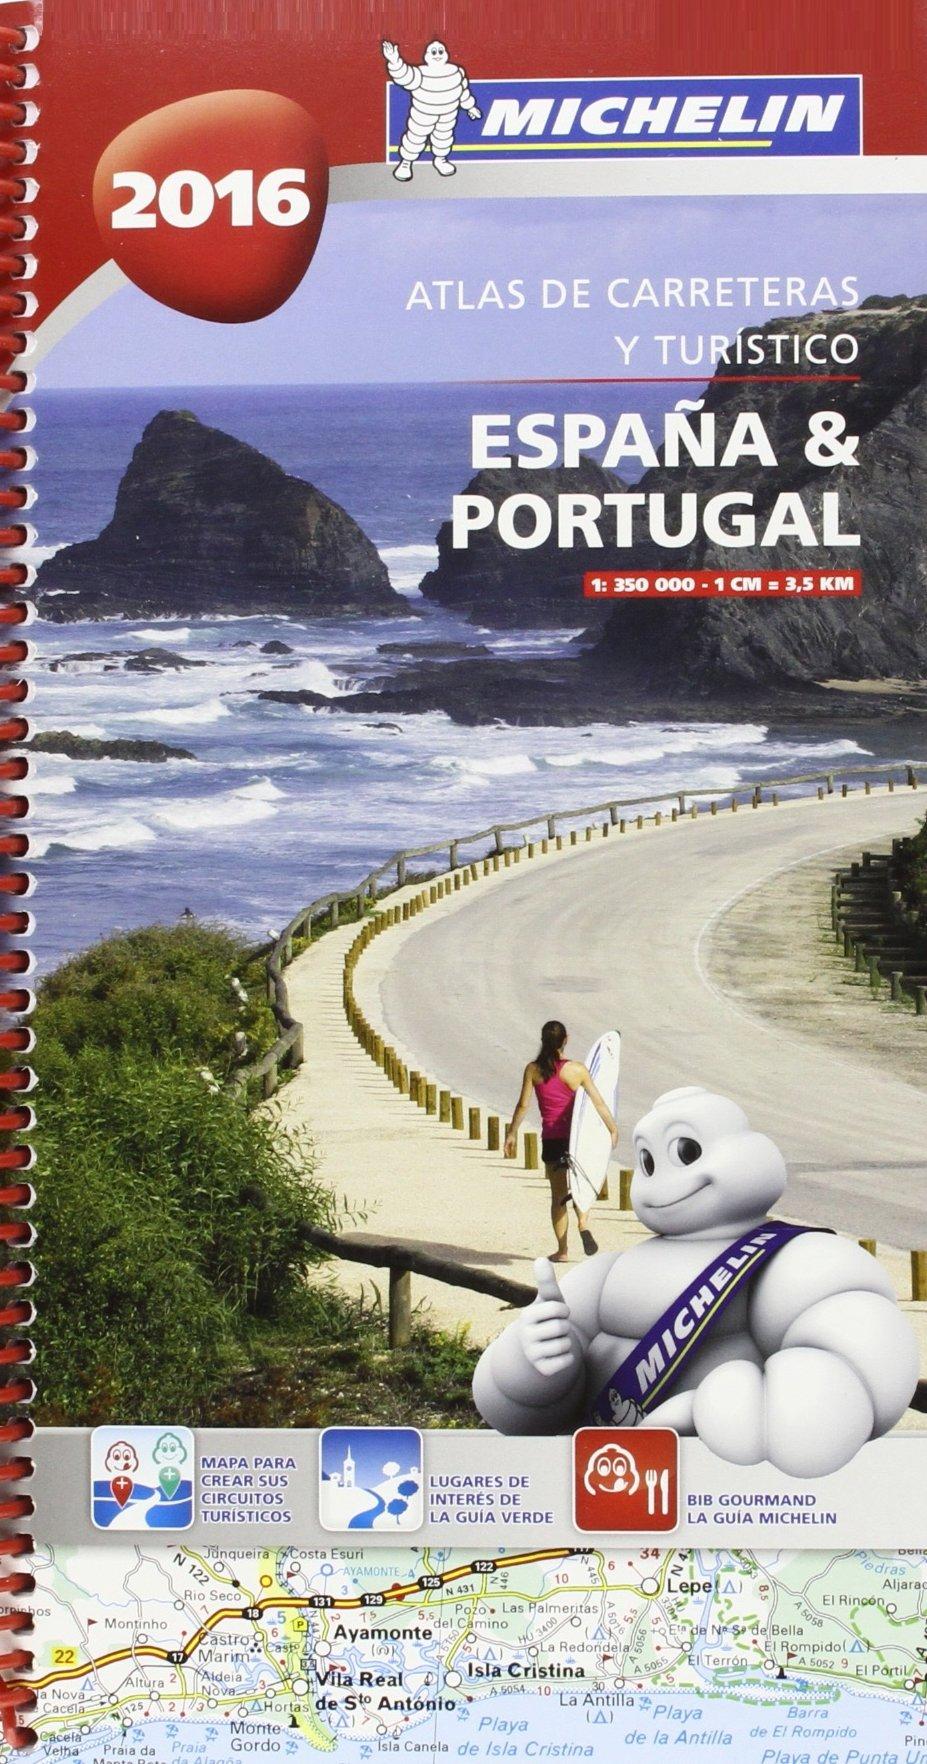 Atlas de carreteras y turístico España & Portugal 2016 Atlas de carreteras Michelin: Amazon.es: Vv.Aa, Vv.Aa: Libros